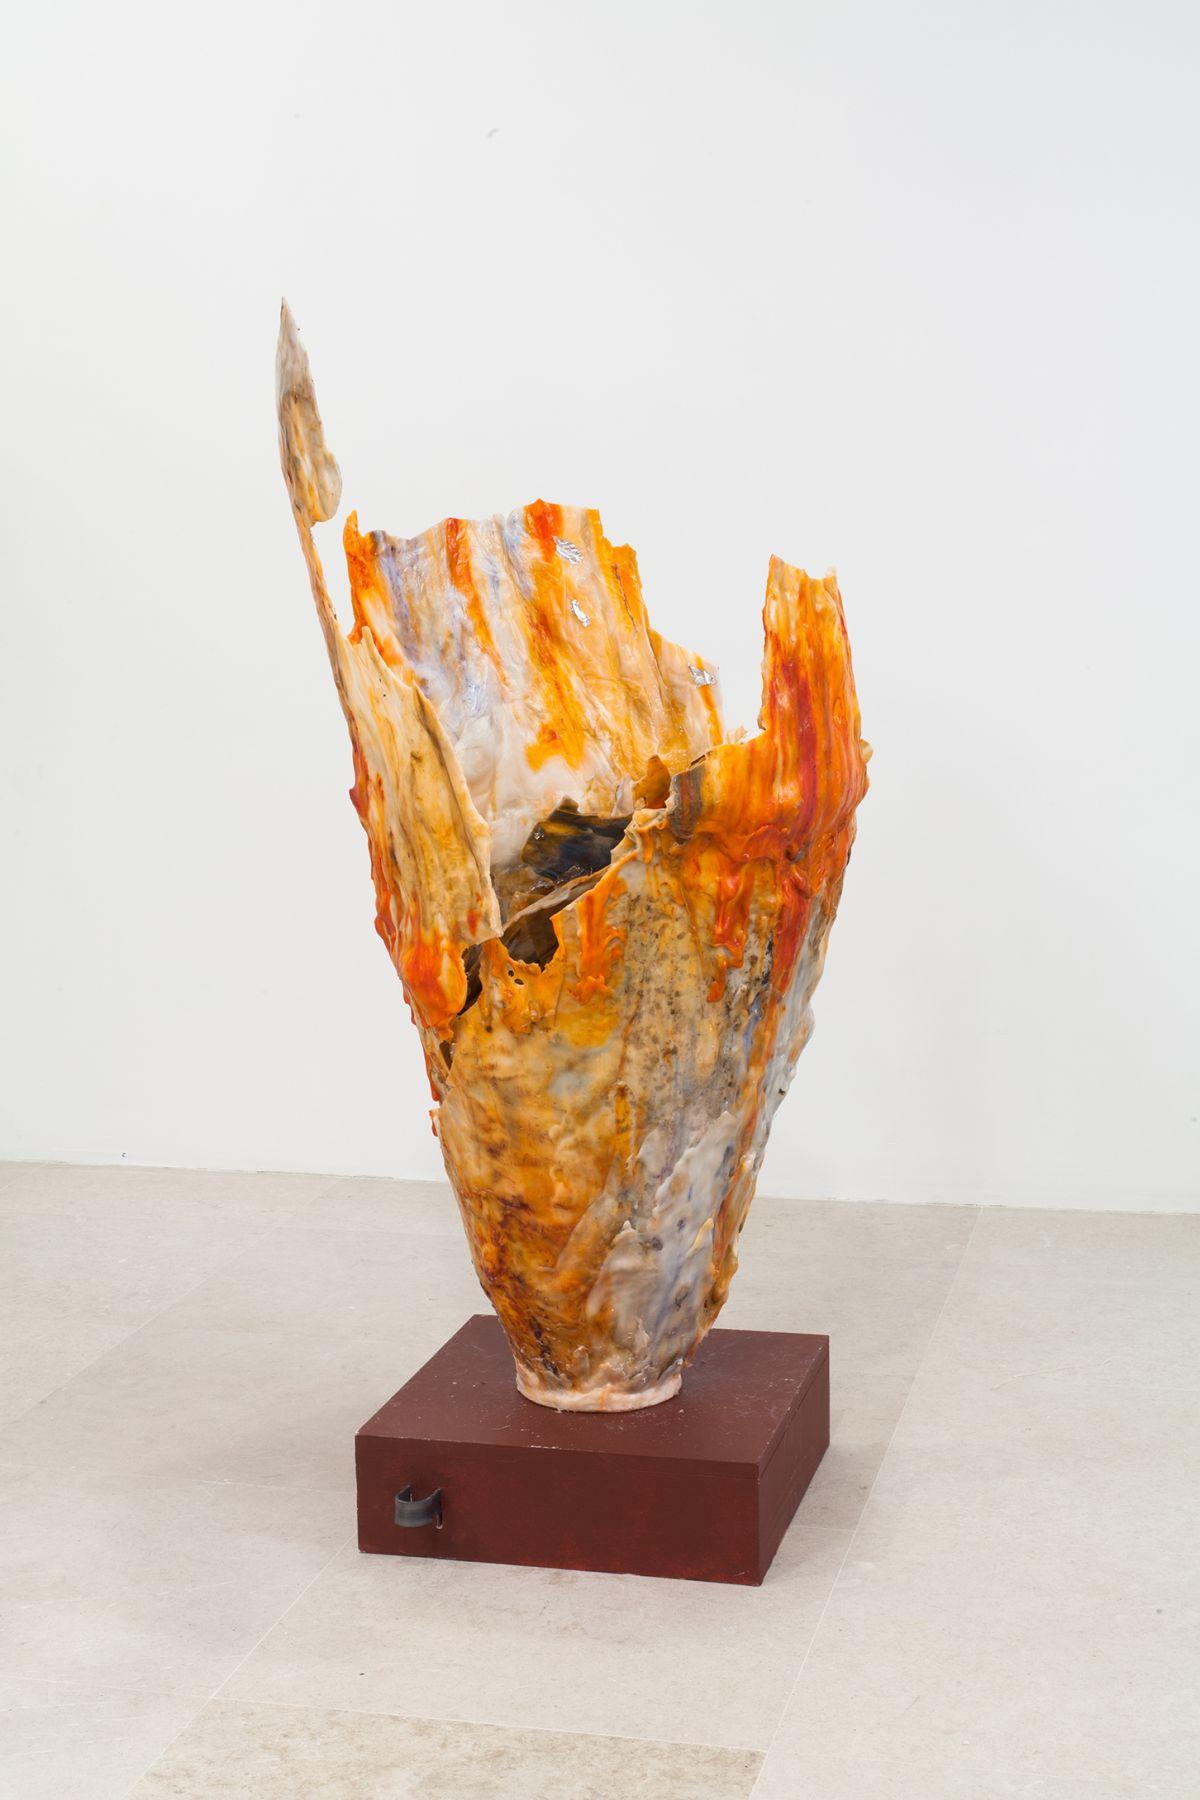 Gelitin, A Vase, 2012, Mixed media, 88 1/4 x 22 3/4 x 23 1/2 inches